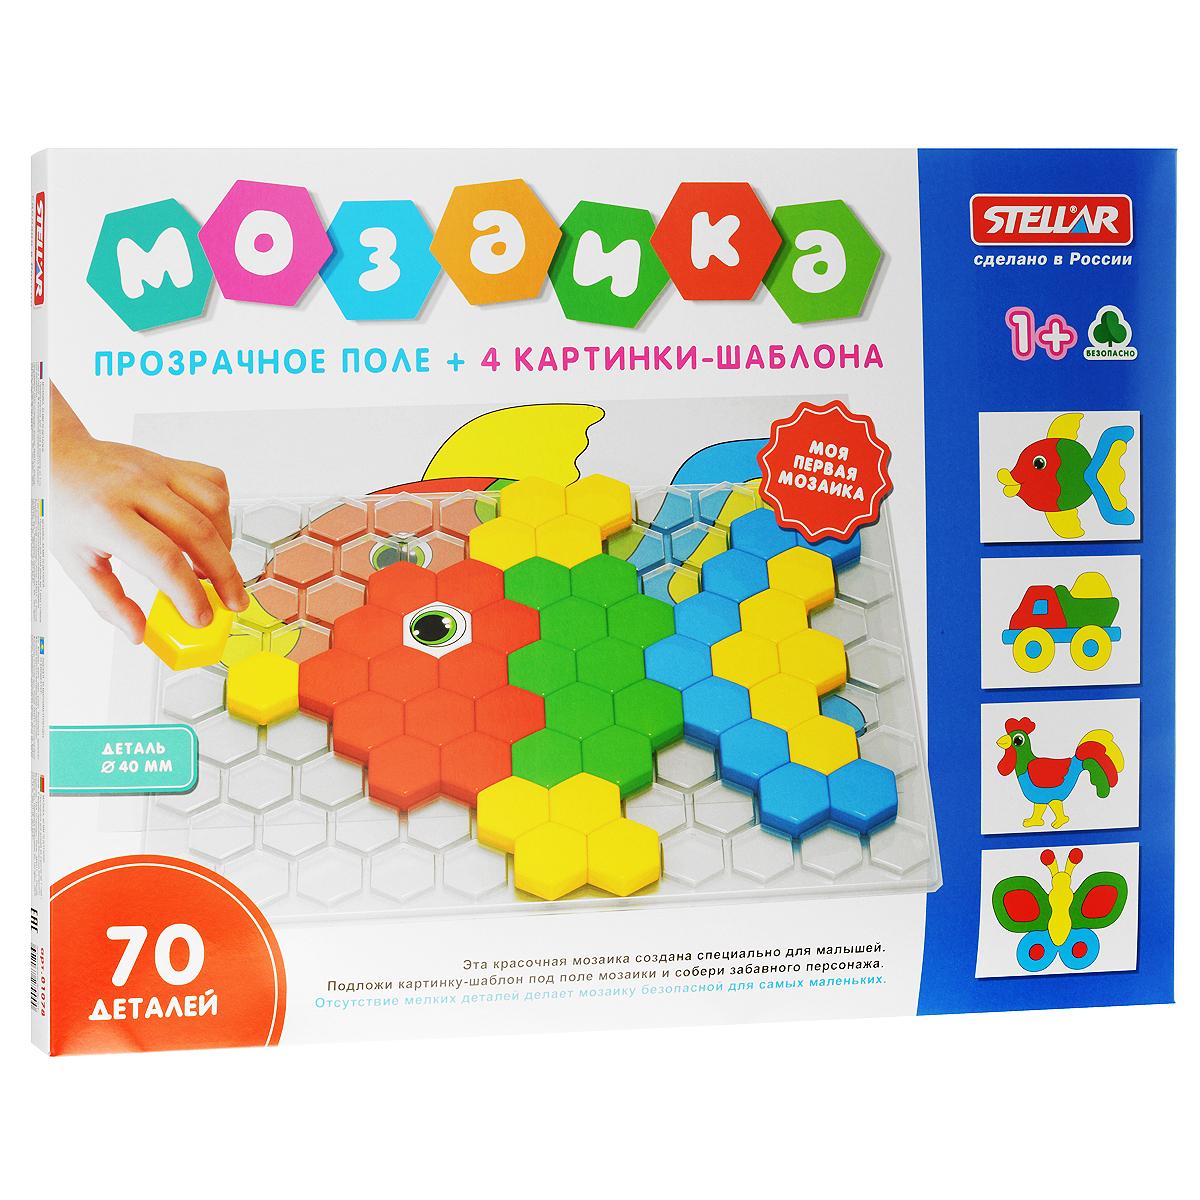 Мозаика Stellar, 70 элементов01078Мозаика для малышей Stellar с прозрачным полем - это яркая и увлекательная развивающая игра. Мозаика включает в себя прозрачное игровое поле, 4 картинки-шаблона и 70 крупных разноцветных элементов, при помощи которых ребенок сможет создавать объемные цветные картинки. Элементы мозаики выполнены из полипропилена. Эта красочная мозаика создана специально для малышей. Достаточно подложить картинку-шаблон под поле мозаики - и ребенок легко соберет то, что на ней изображено. Игры с мозаикой способствуют развитию у малышей мелкой моторики рук, координации движений, внимательности, логического и абстрактного мышления, ориентировку на плоскости, а также воображения и творческих способностей.